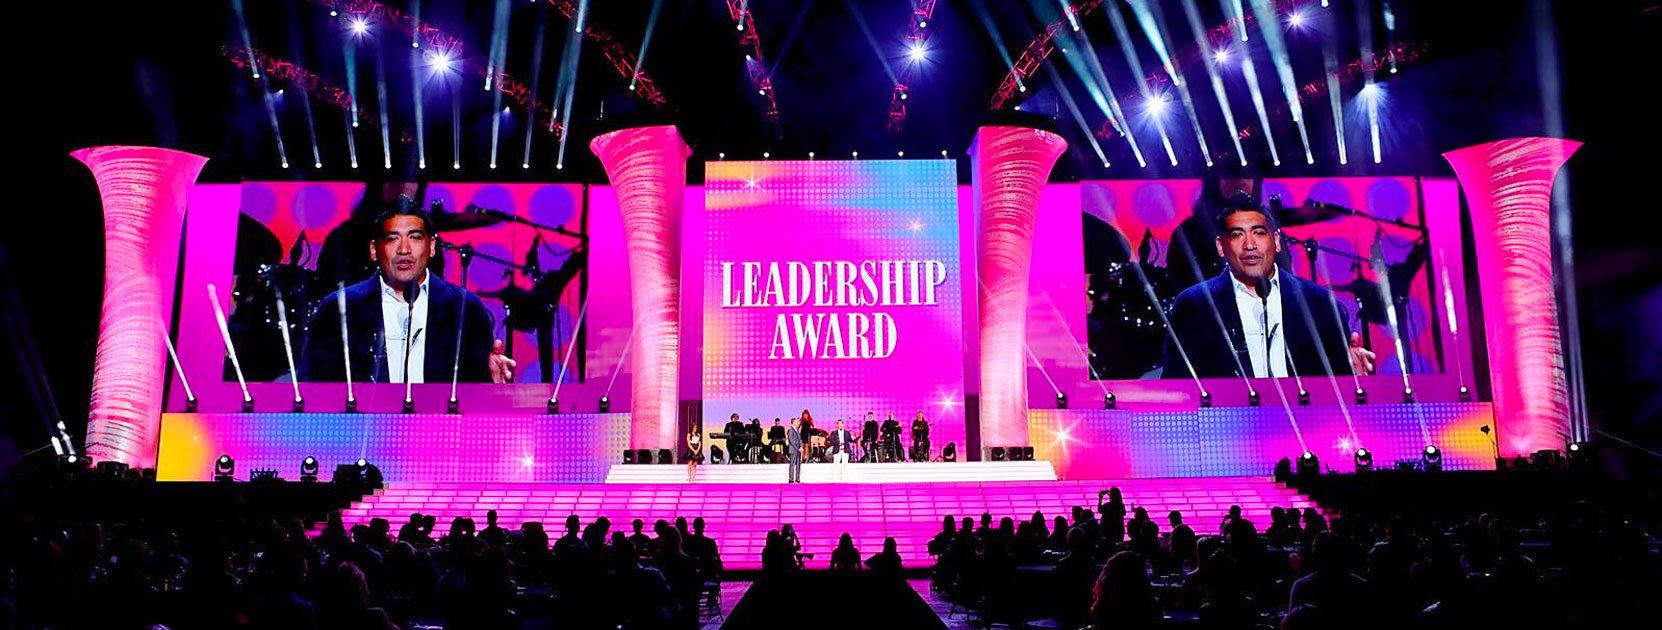 Beachbody Leadership Award